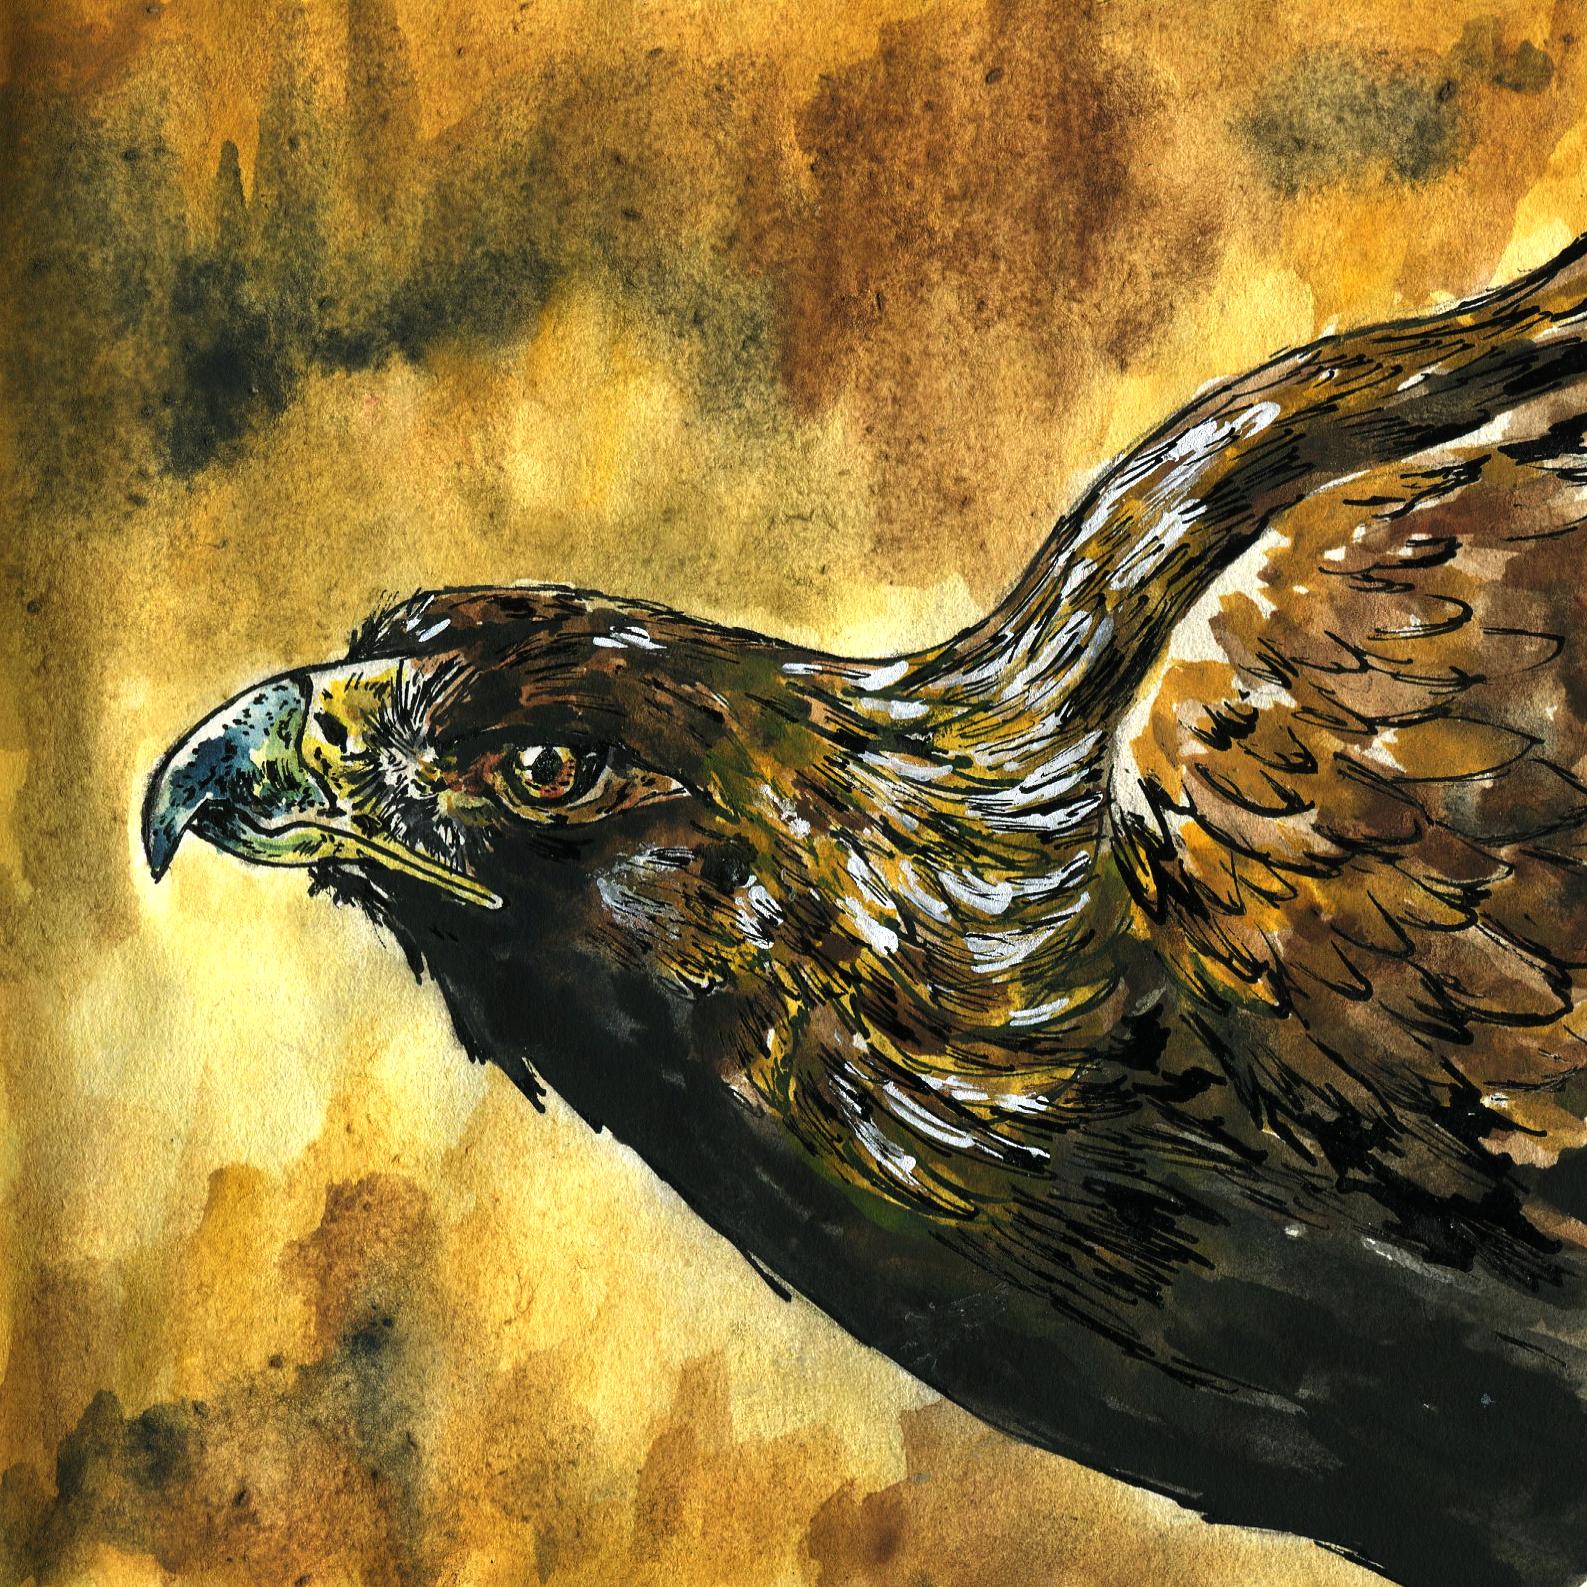 342. Golden Eagle